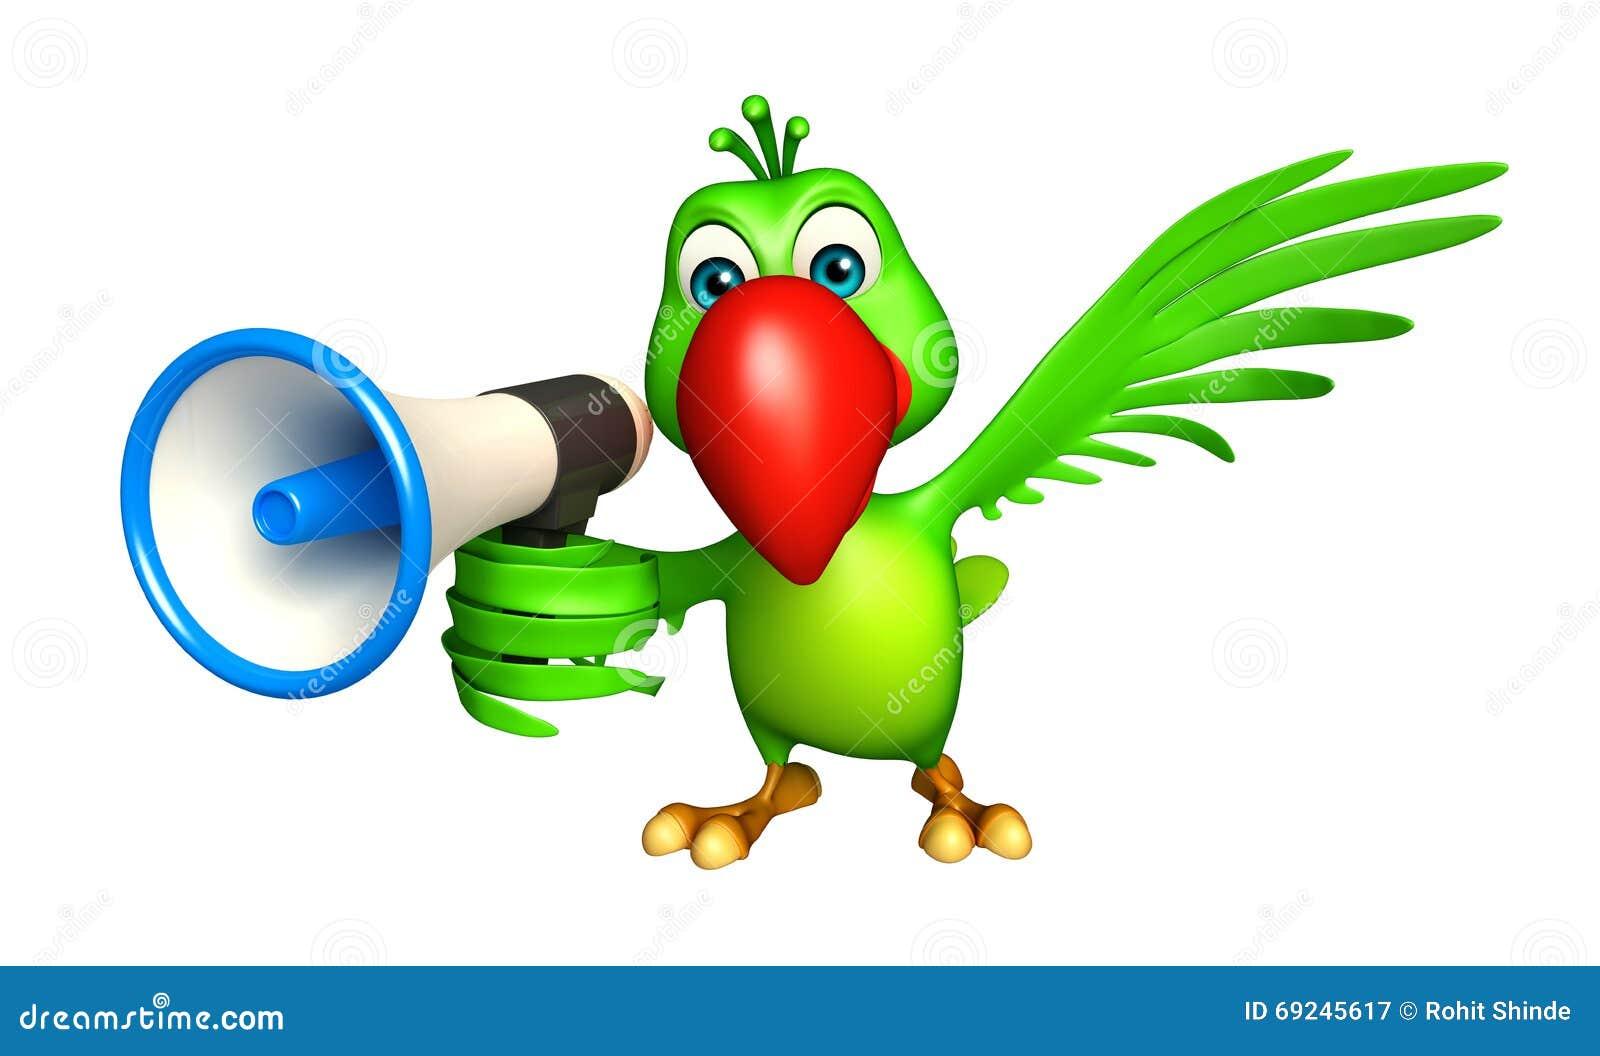 personnage de dessin anim de perroquet avec le haut parleur bruyant illustration stock image. Black Bedroom Furniture Sets. Home Design Ideas